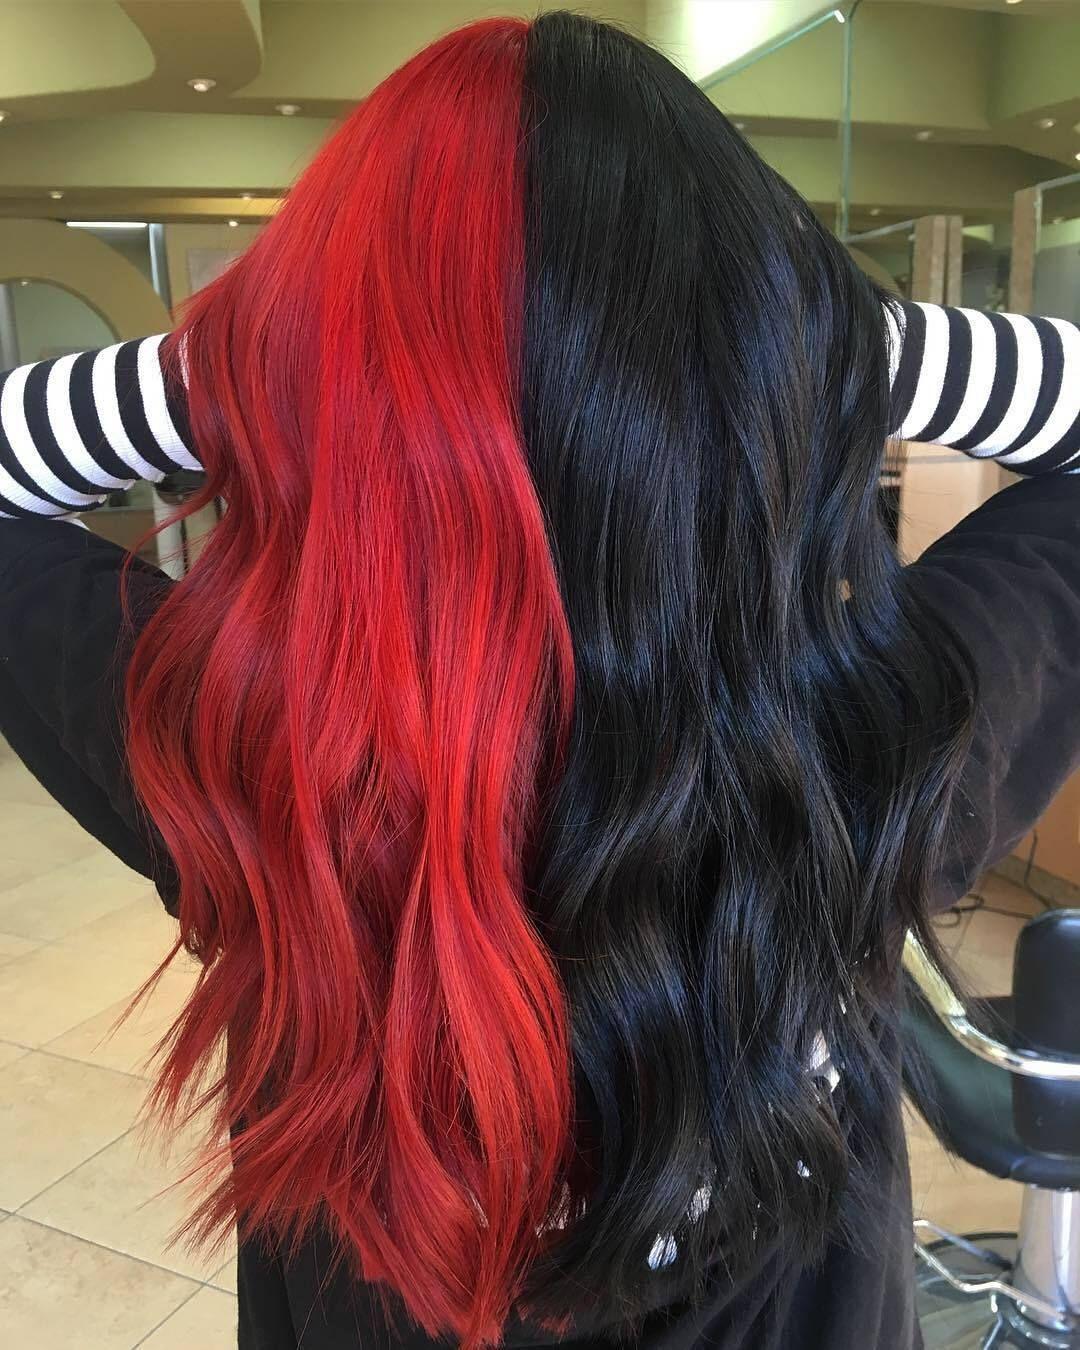 Hair Dye Ideas In 2020 Hair Color For Black Hair Aesthetic Hair Hair Color Streaks